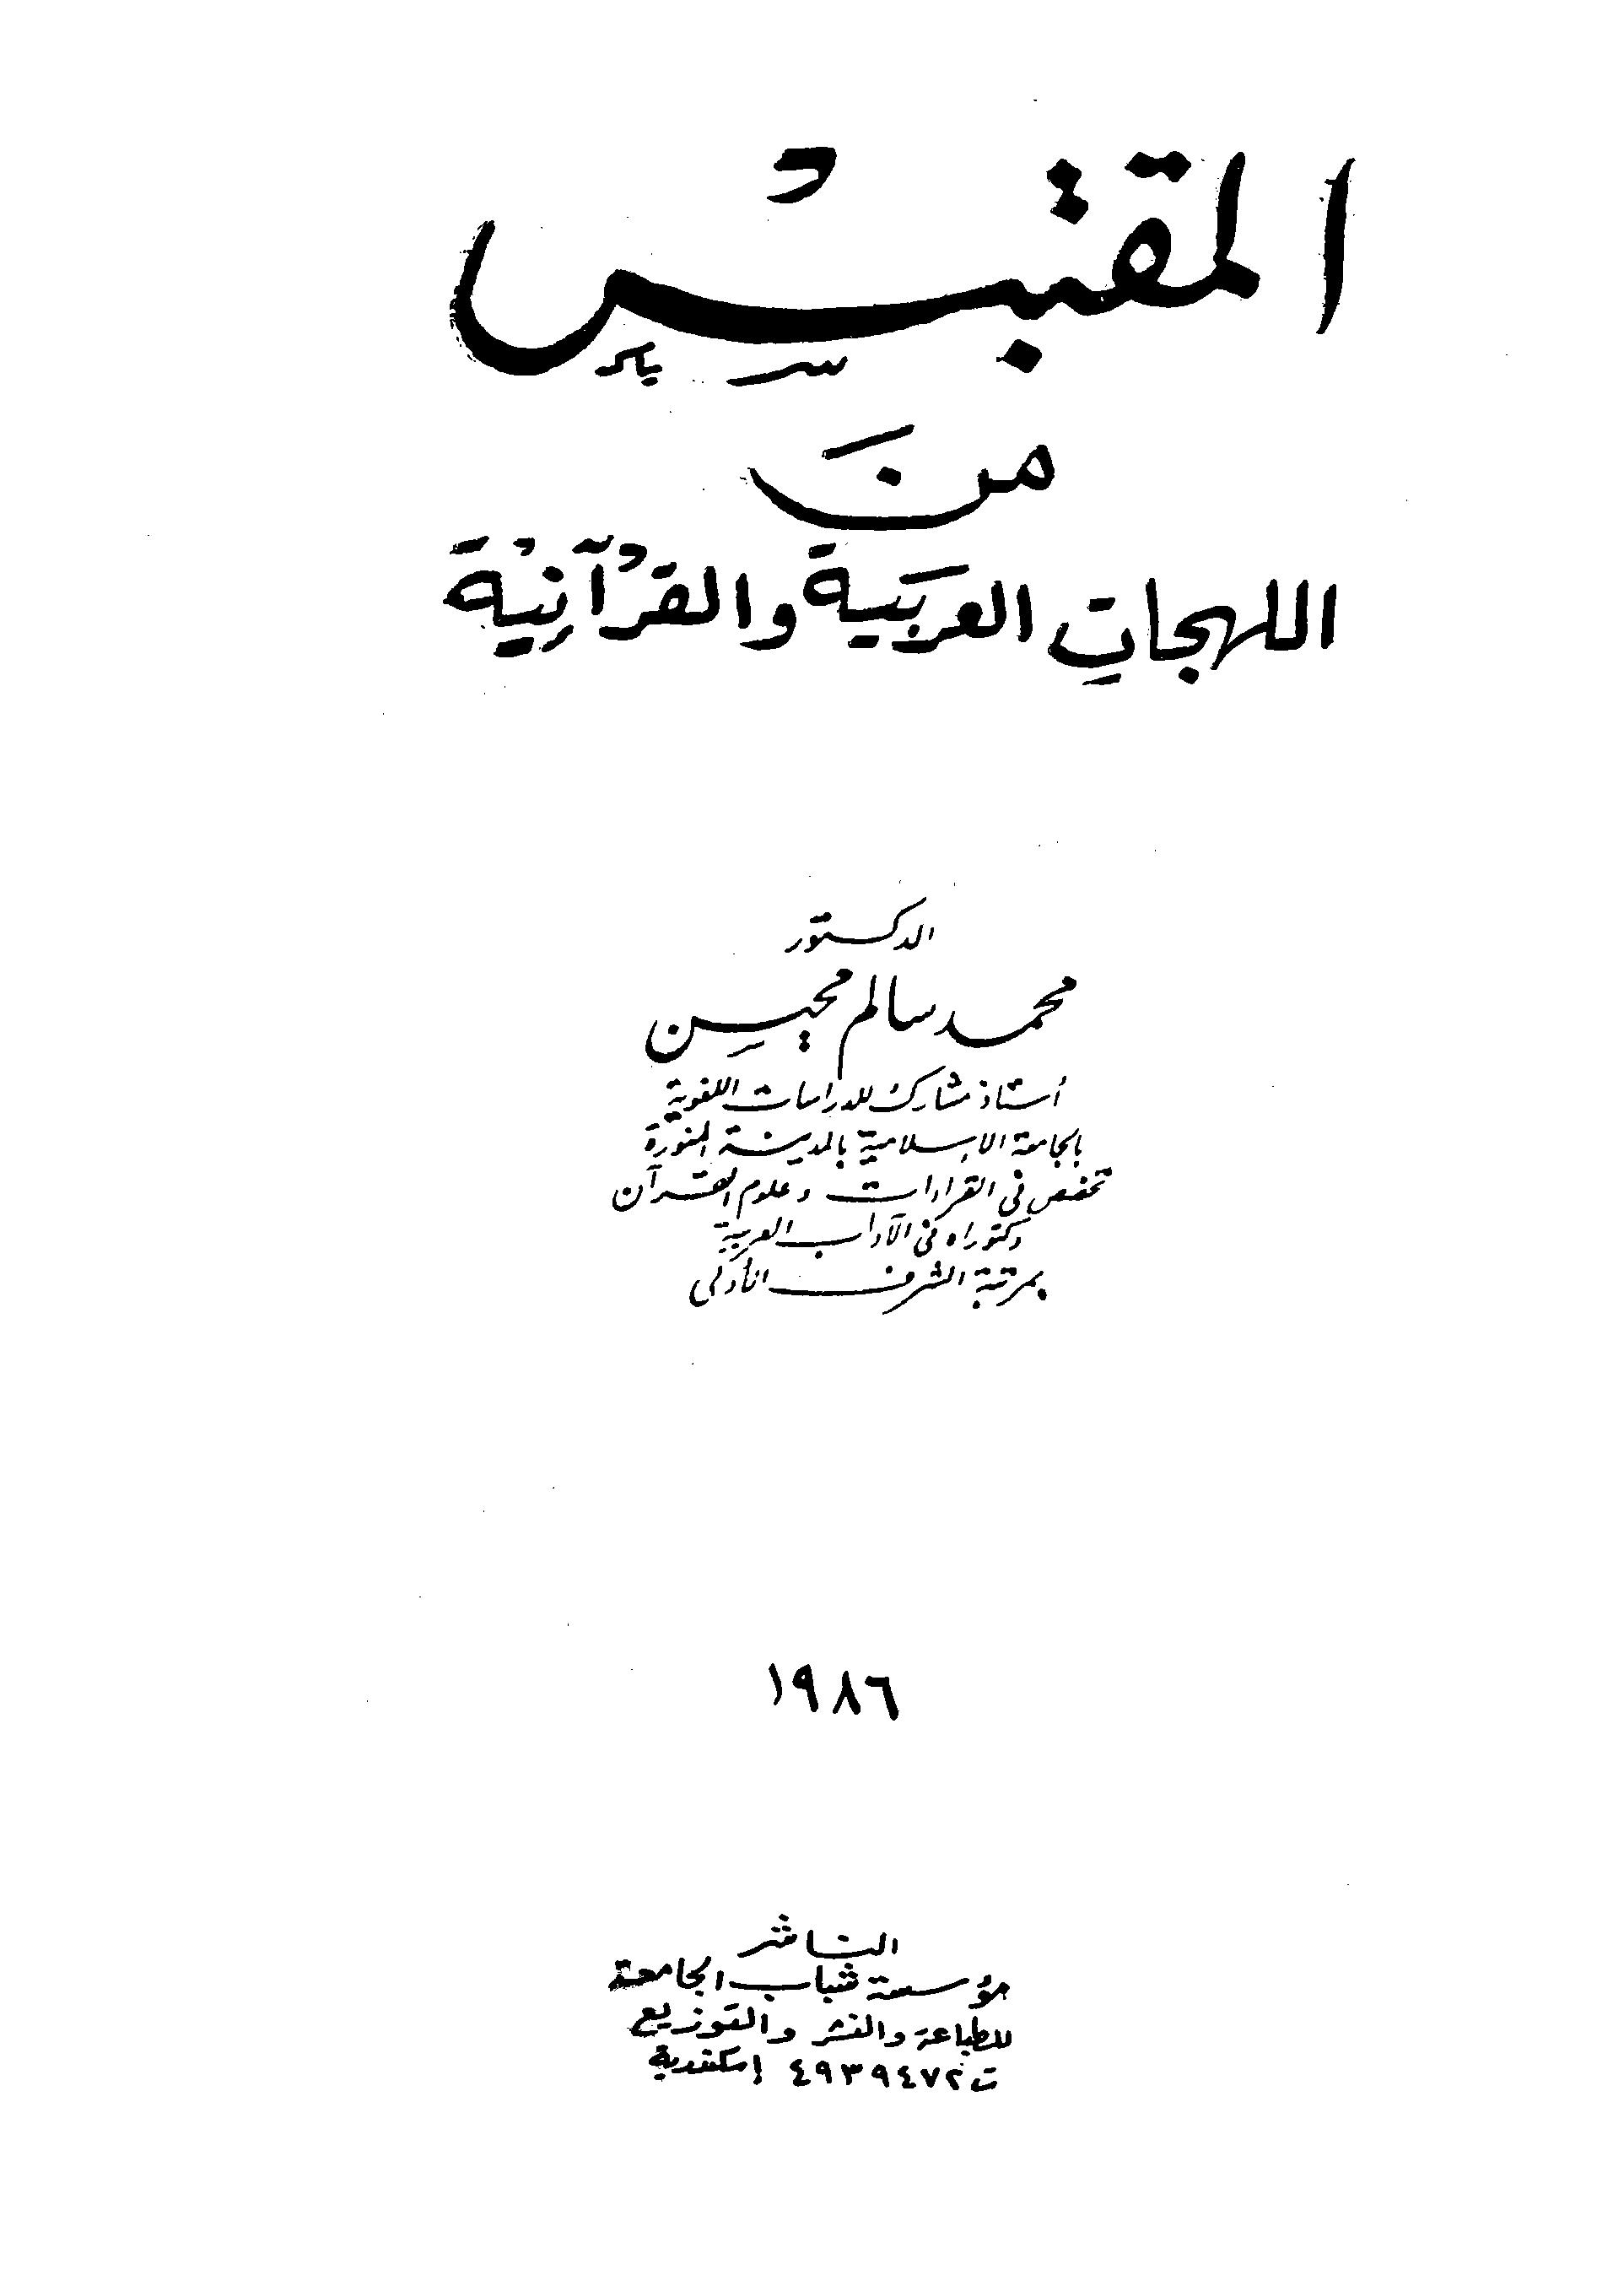 تحميل كتاب المقتبس من اللهجات العربية والقرآنية لـِ: الدكتور محمد محمد محمد سالم محيسن (ت 1422)